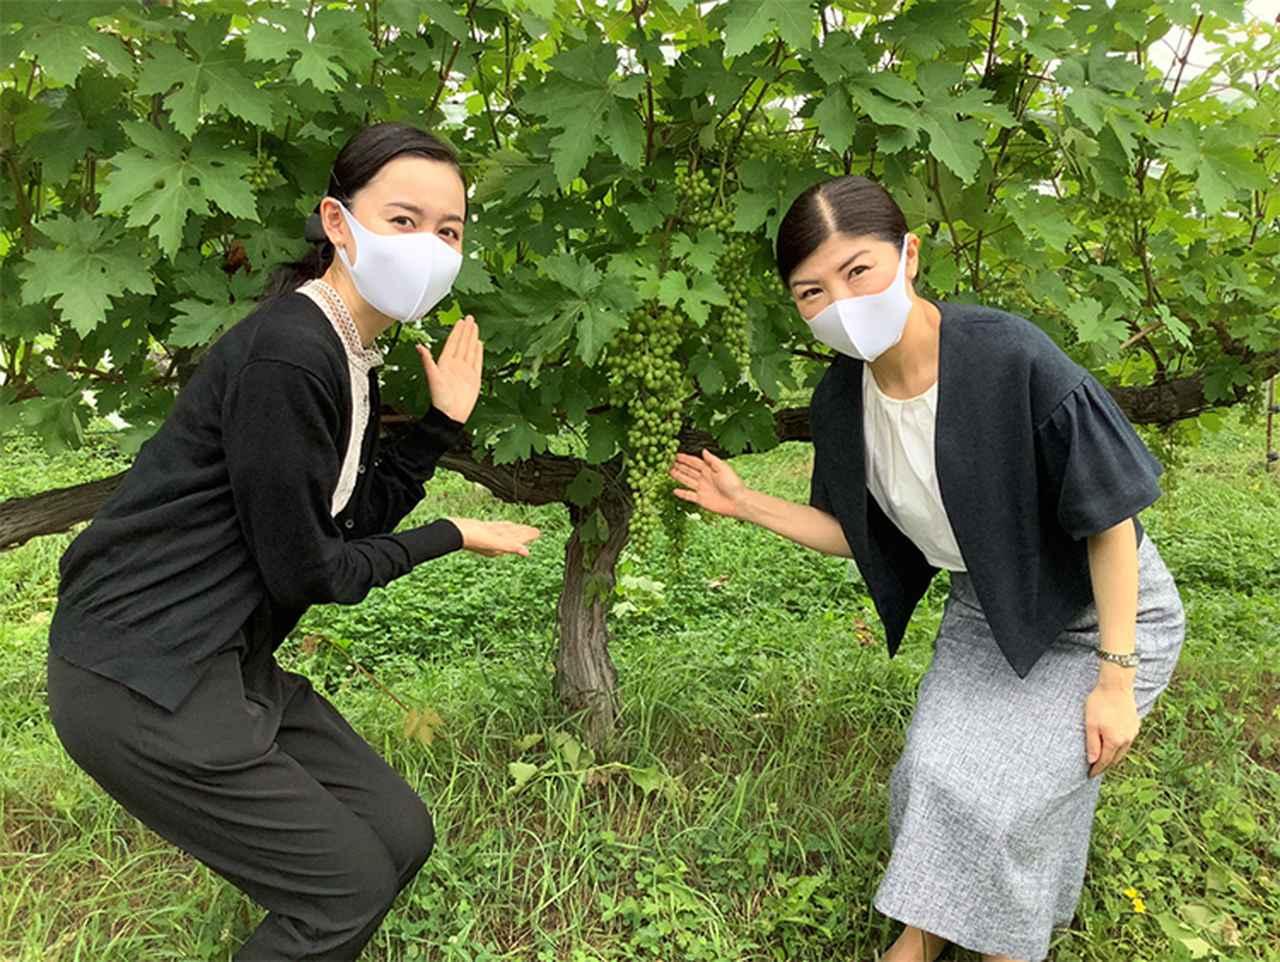 画像2: JALふるさと応援隊(京都府)が行く 京都府中部「森の京都」魅力再発見!